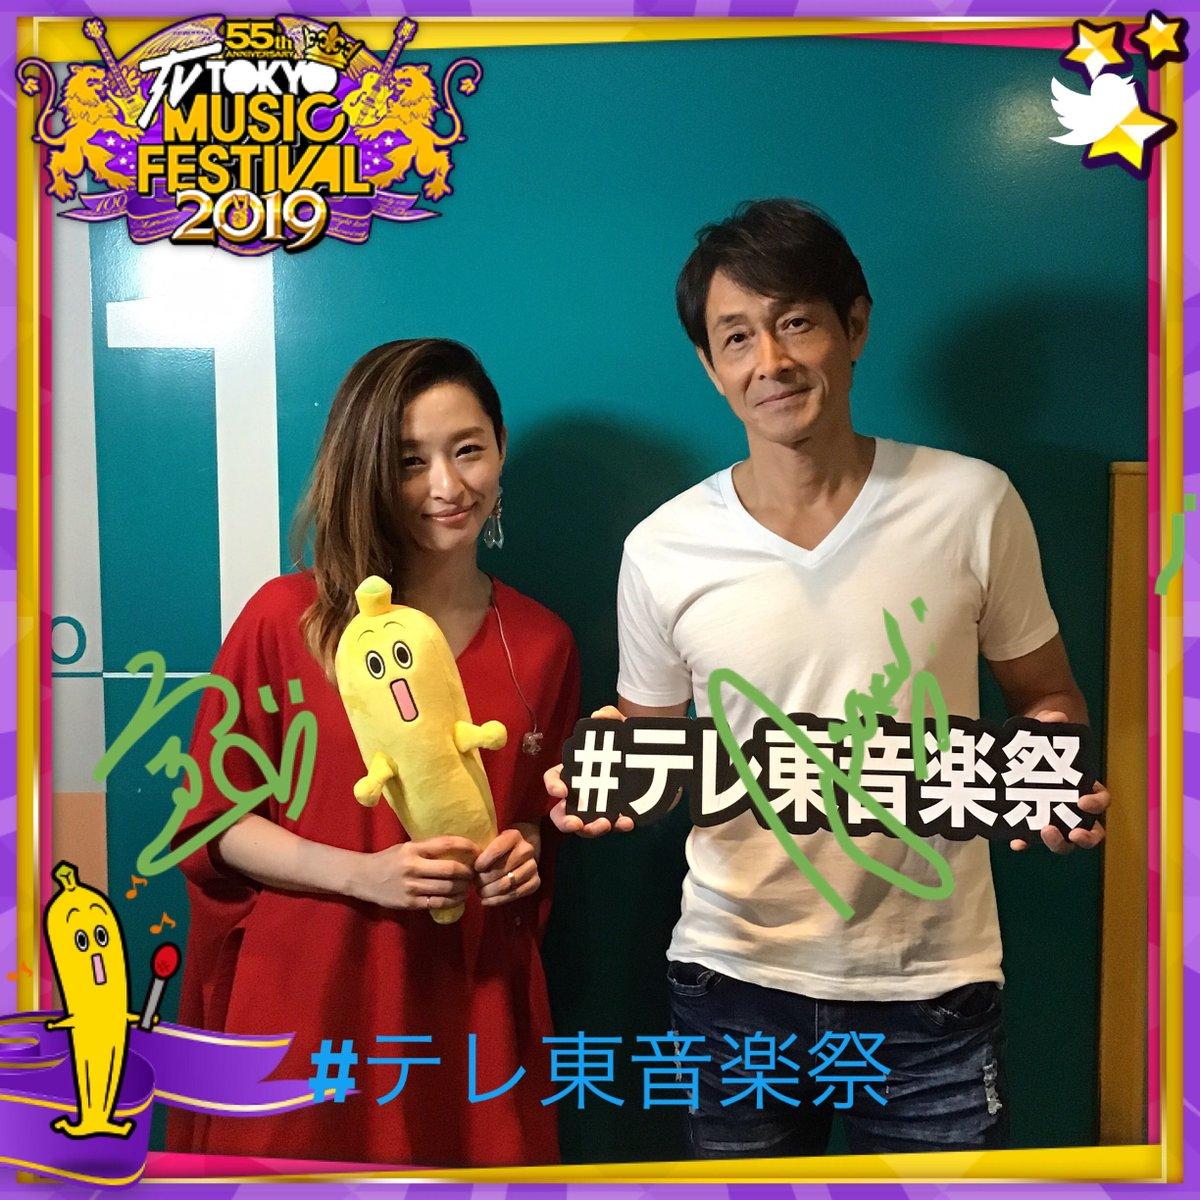 テレ東音楽祭Verified account @teretoongakusai